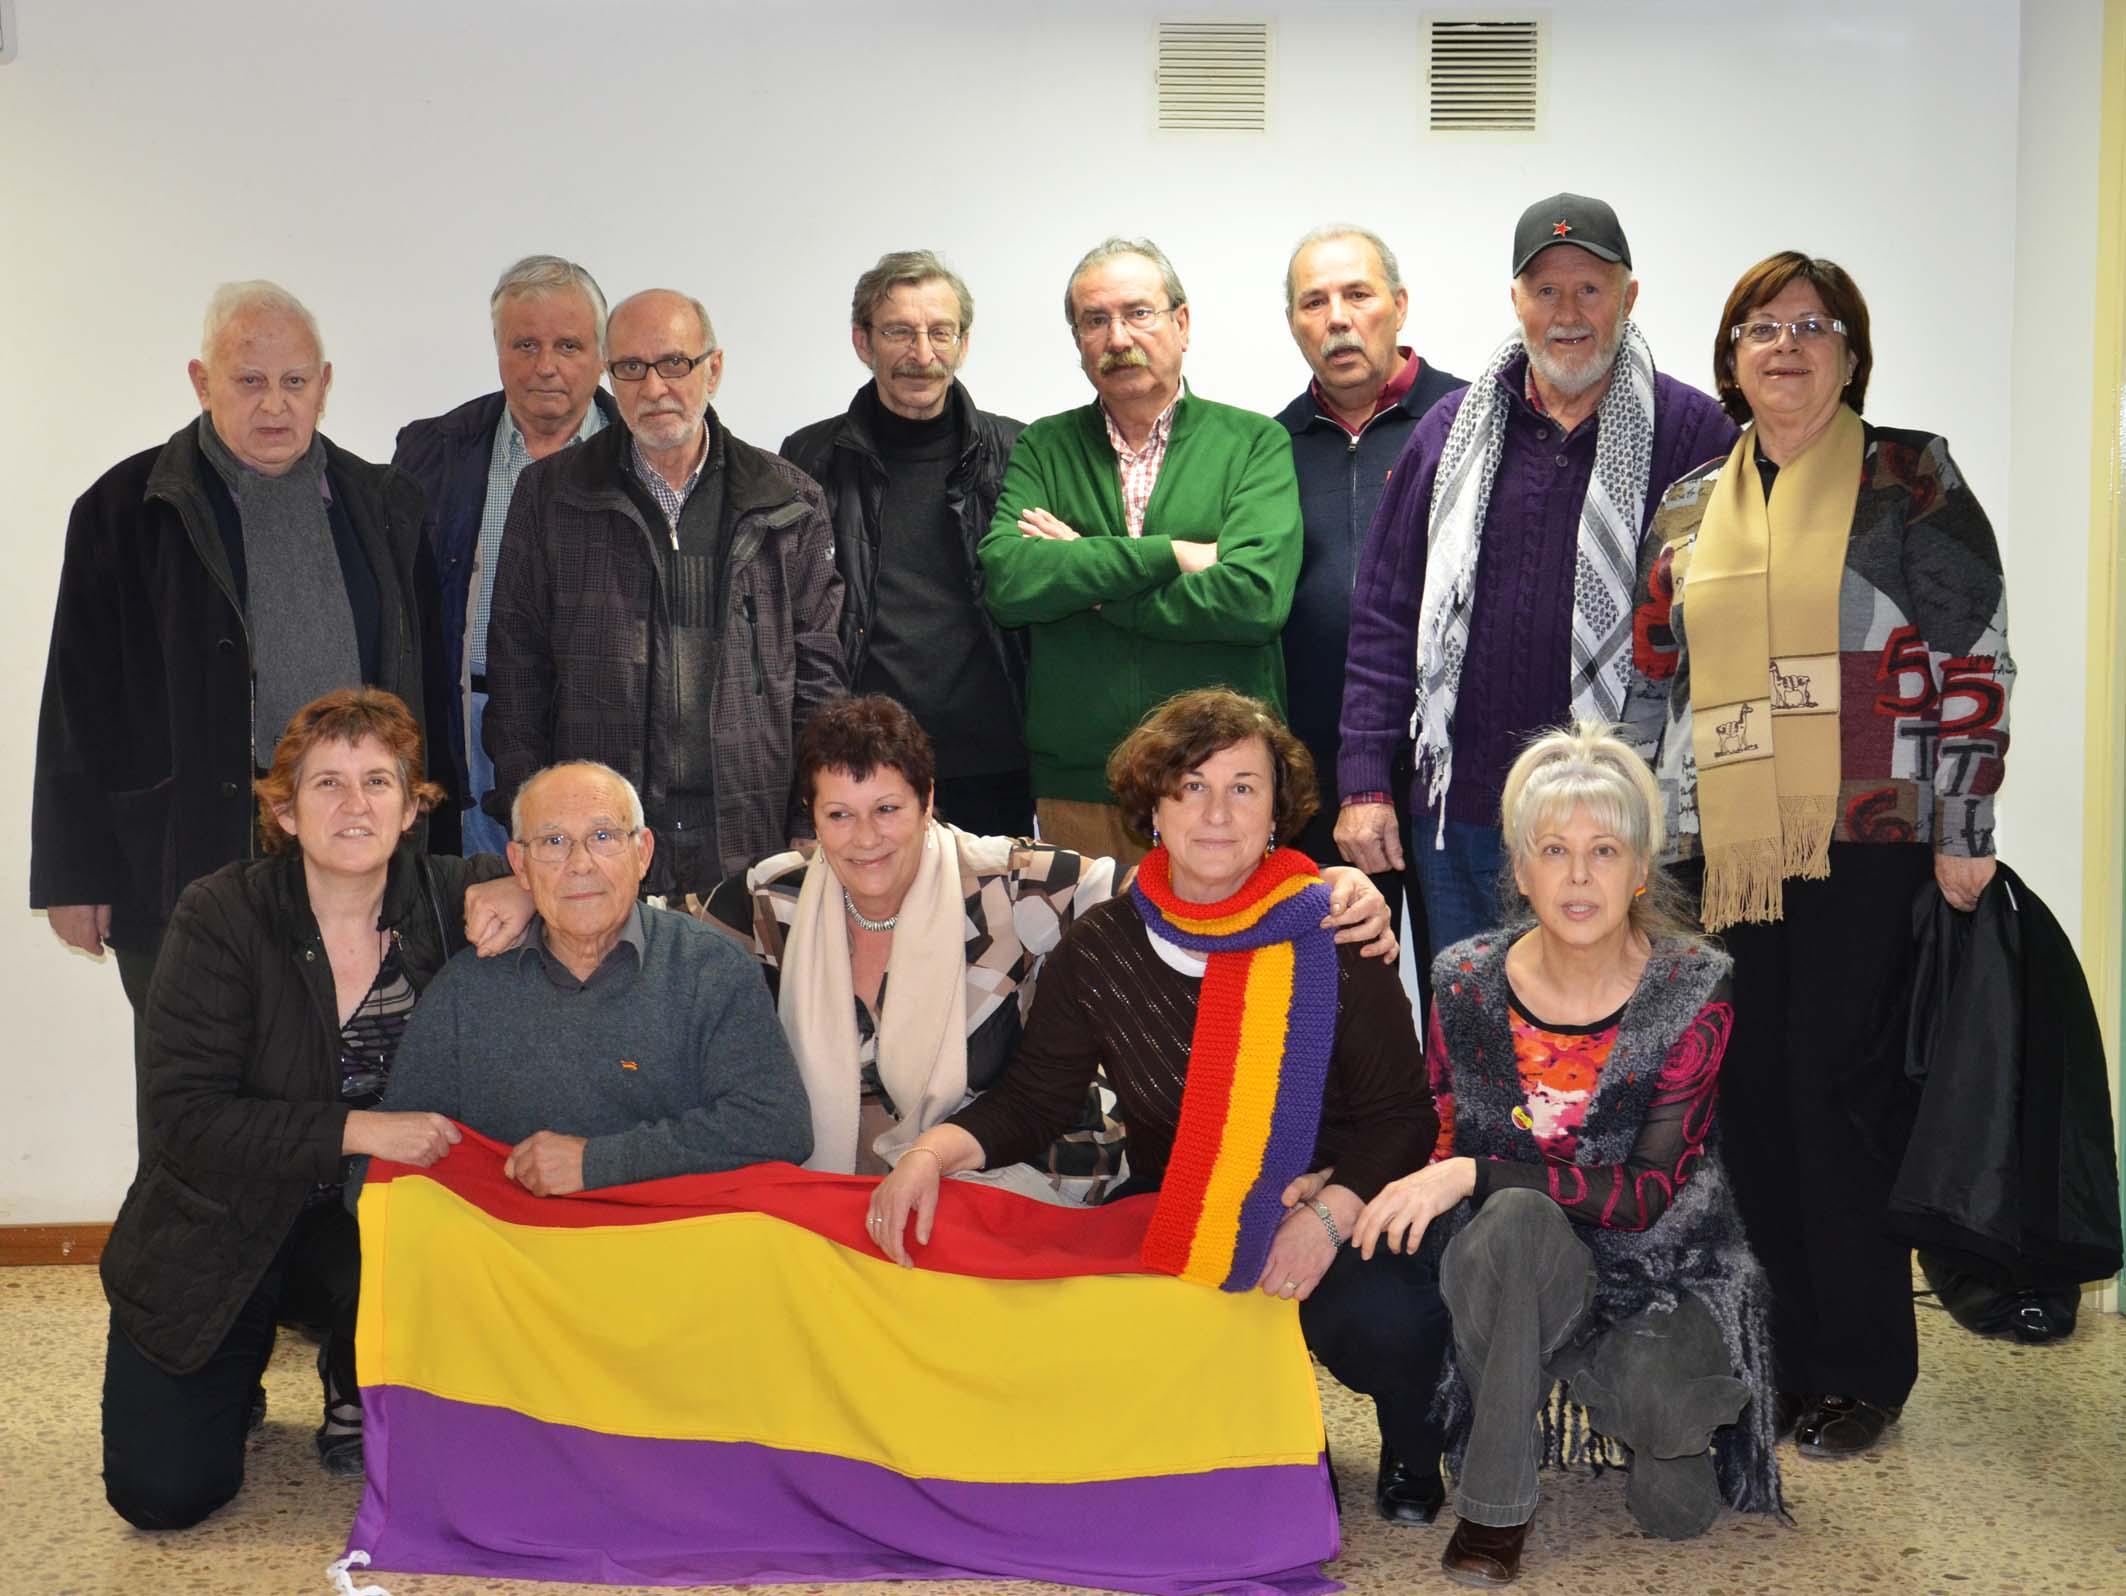 La población en la comarca de La Litera disminuye en 147 vecinos en el periodo 2012-2013